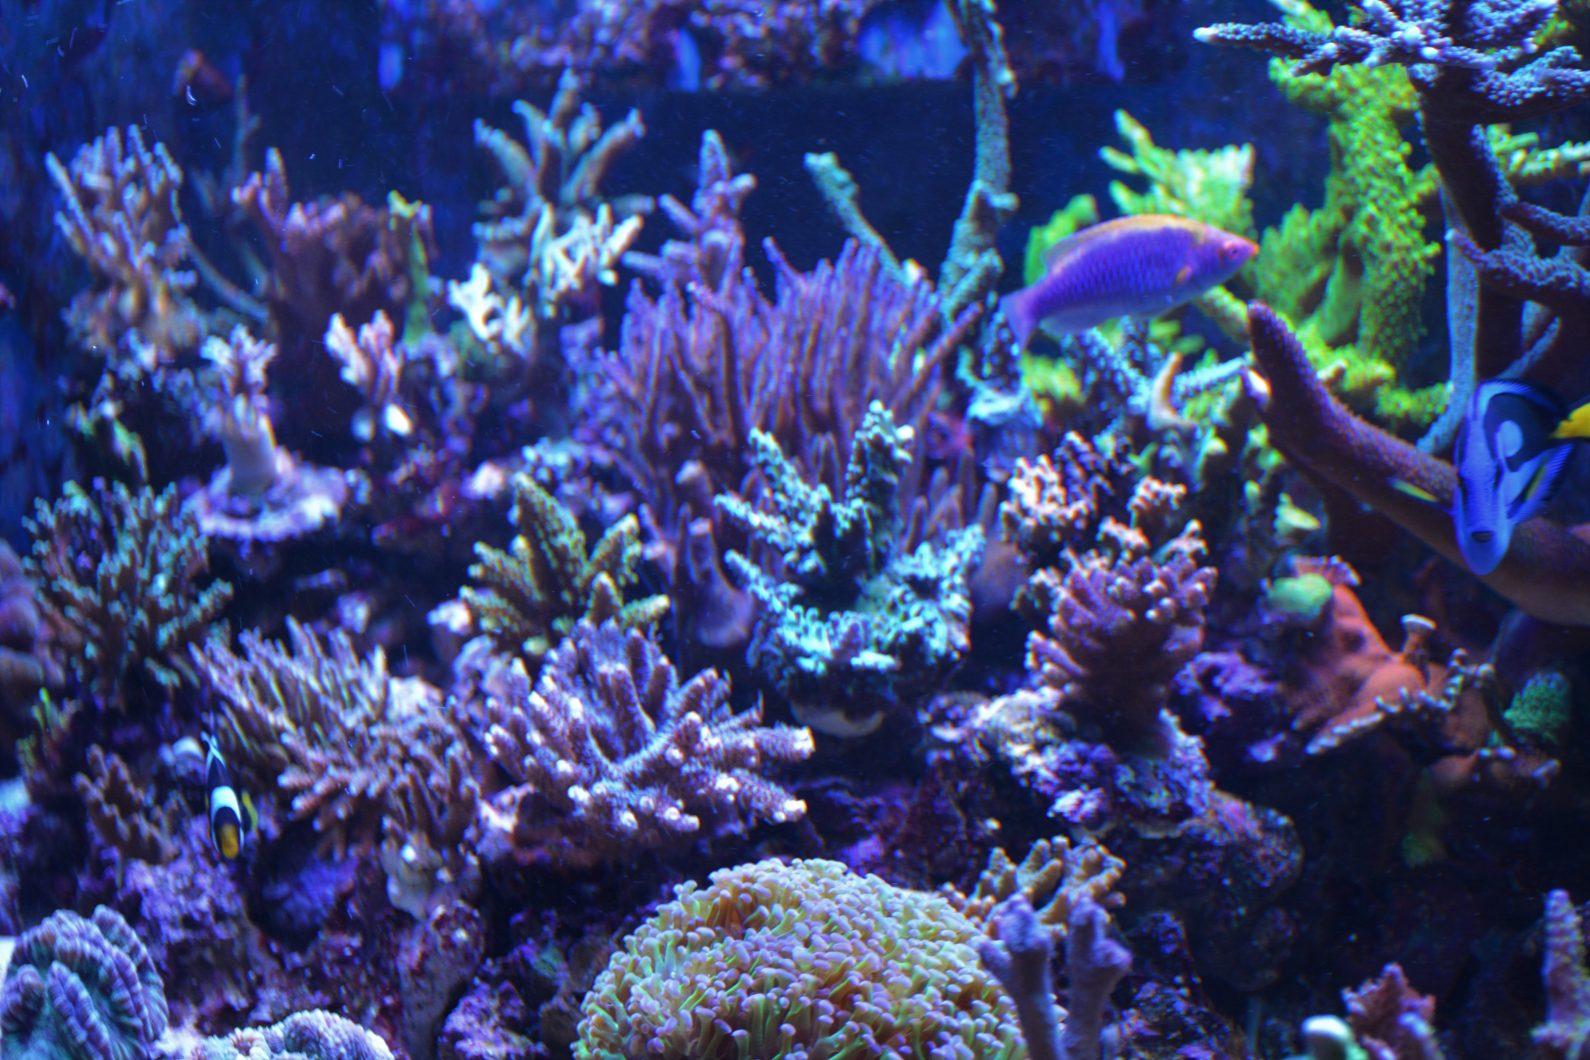 カラフルなサンゴ礁の水族館